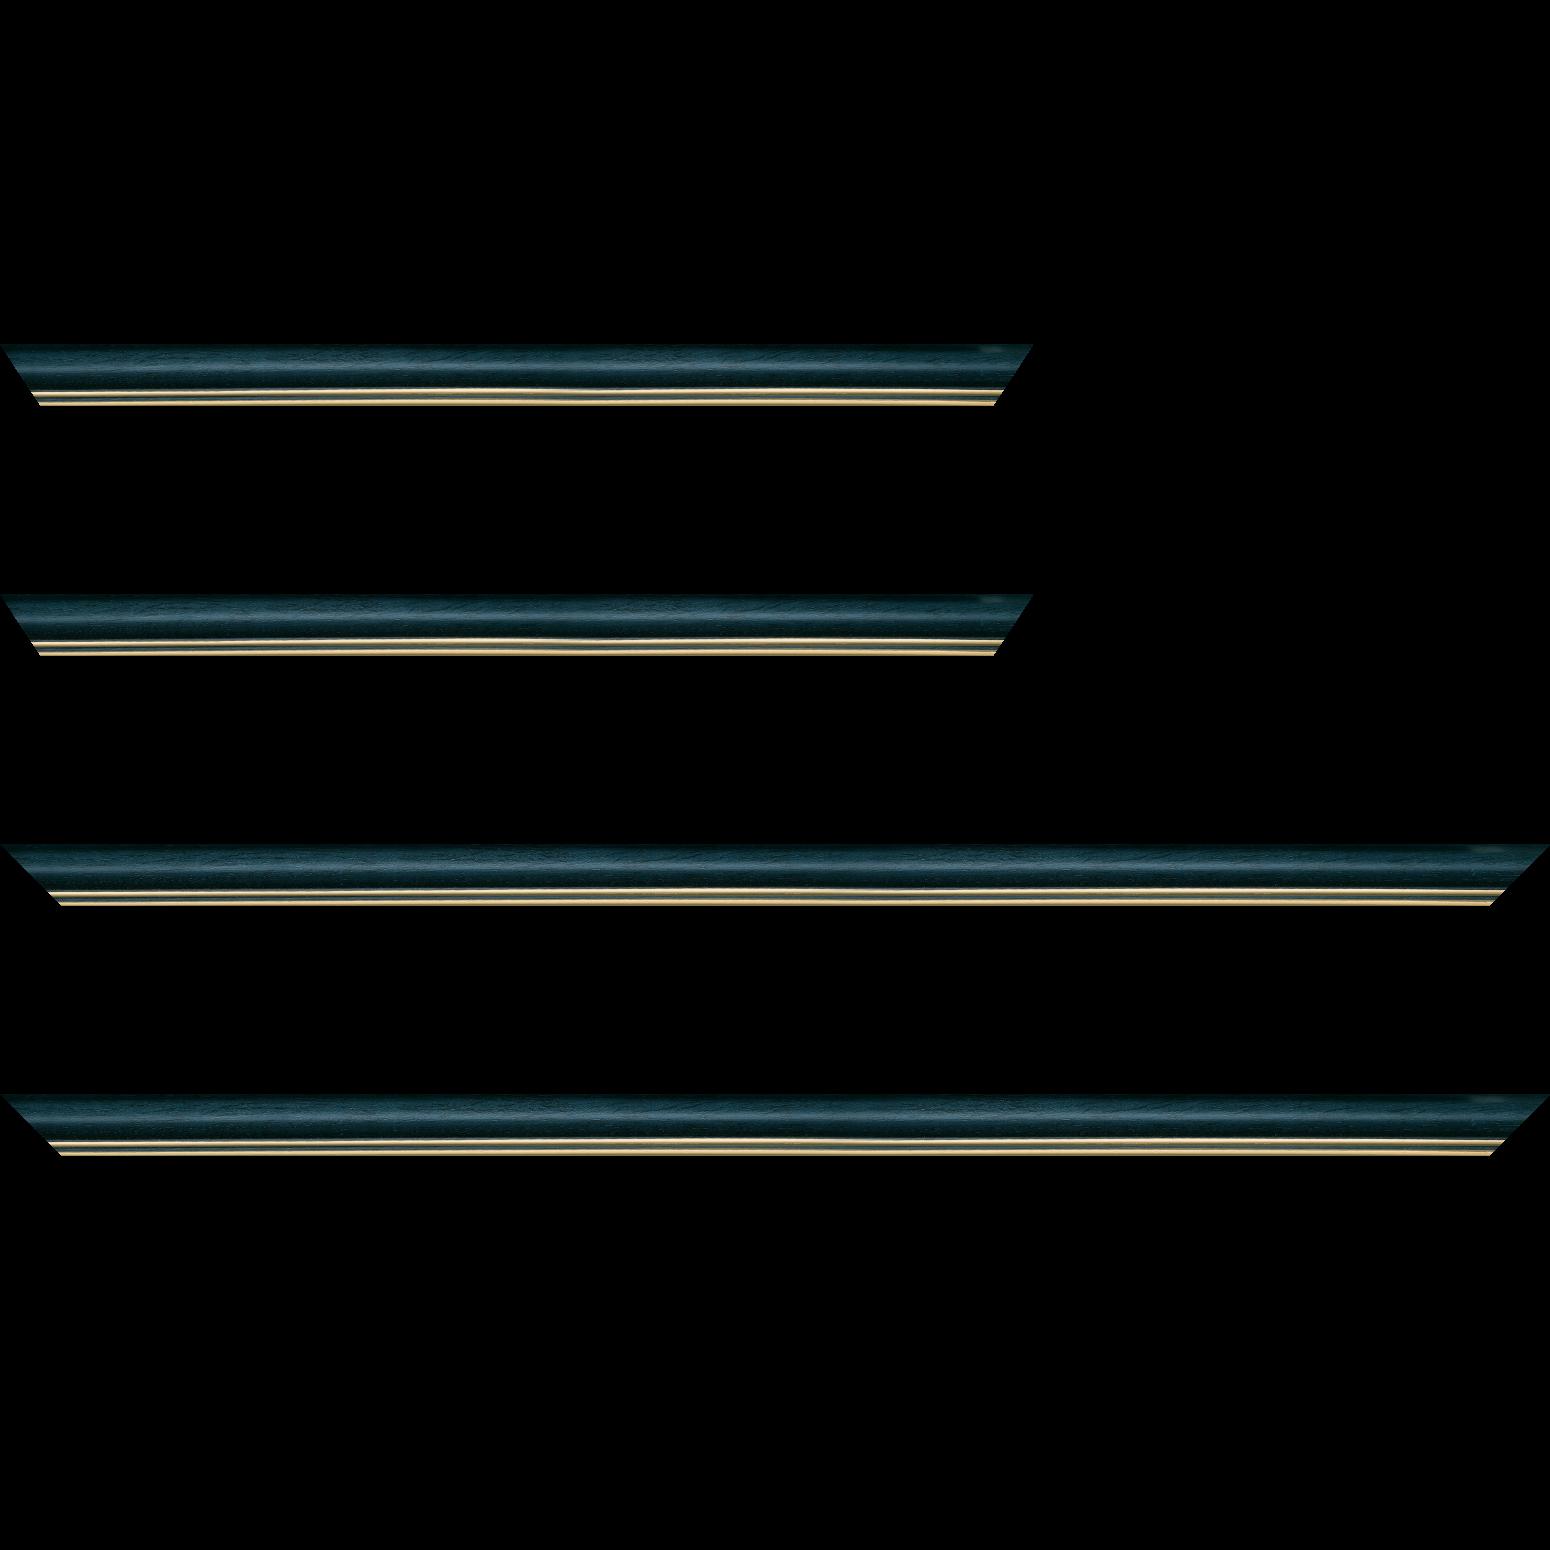 Baguette service précoupé Bois profil doucine inversée largeur 2.3cm bleu pétrole satiné double filet or